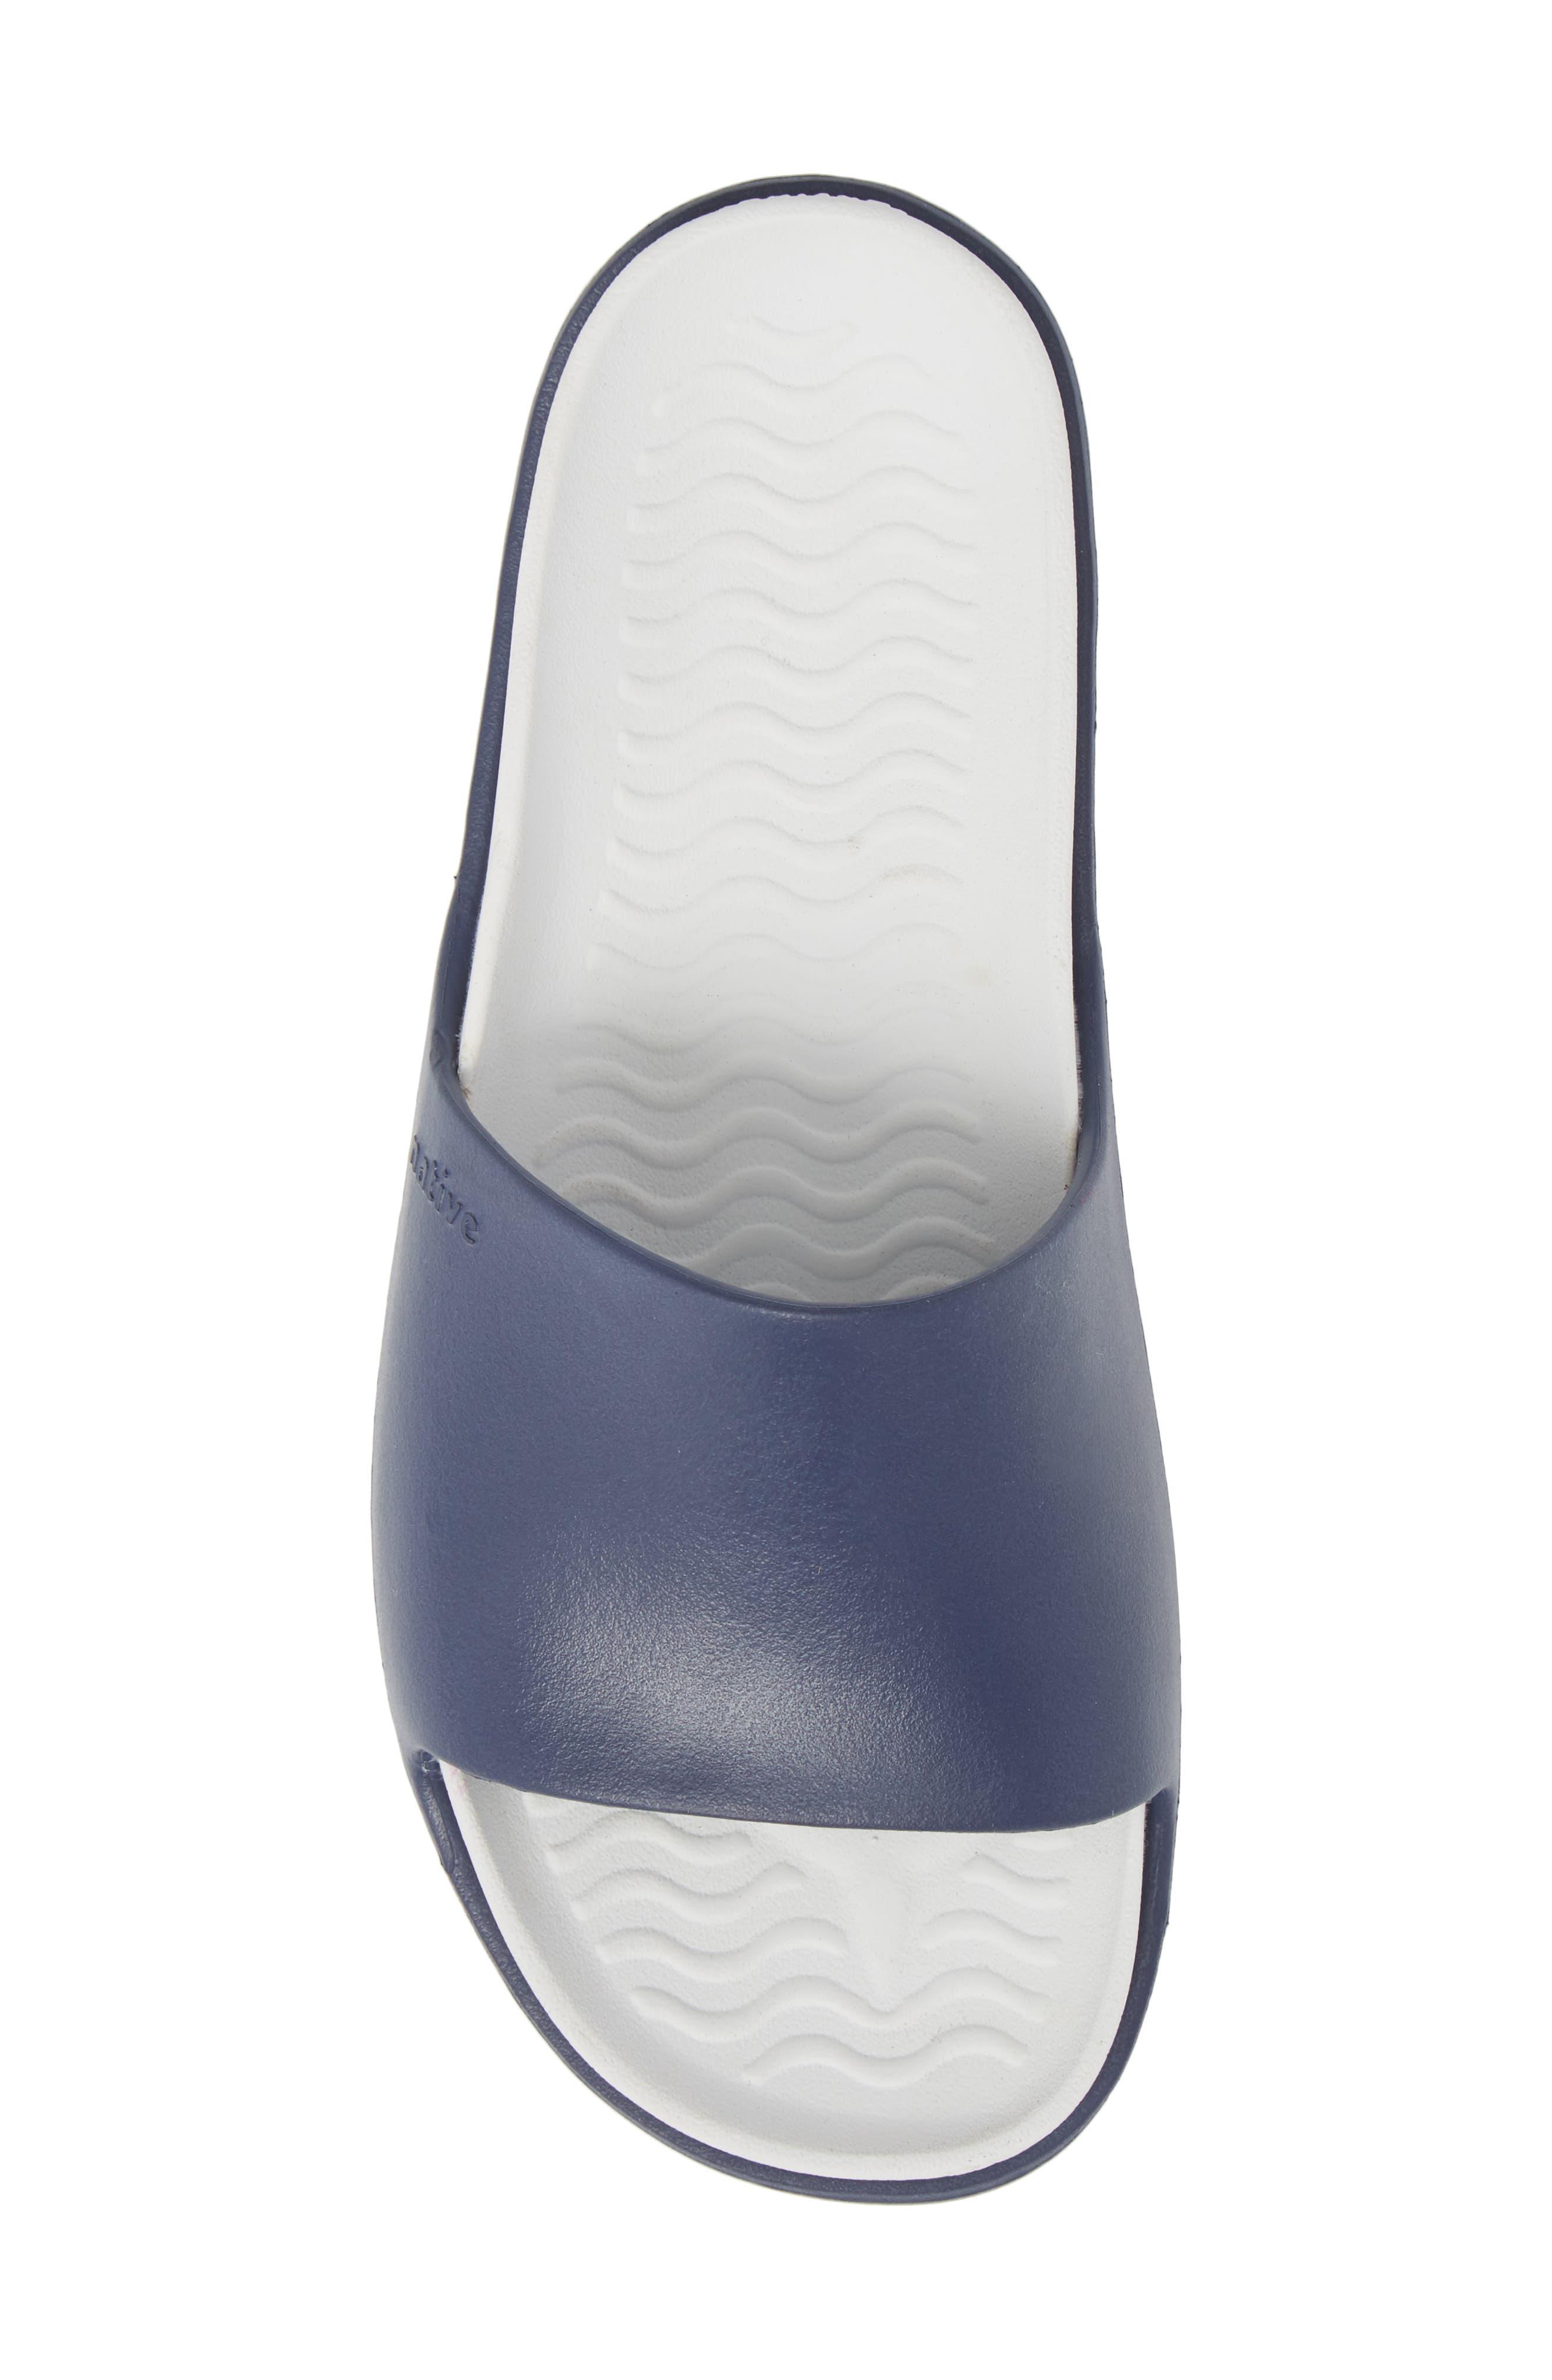 Spencer LX Sport Slide,                             Alternate thumbnail 5, color,                             Regatta Blue/ Shell White